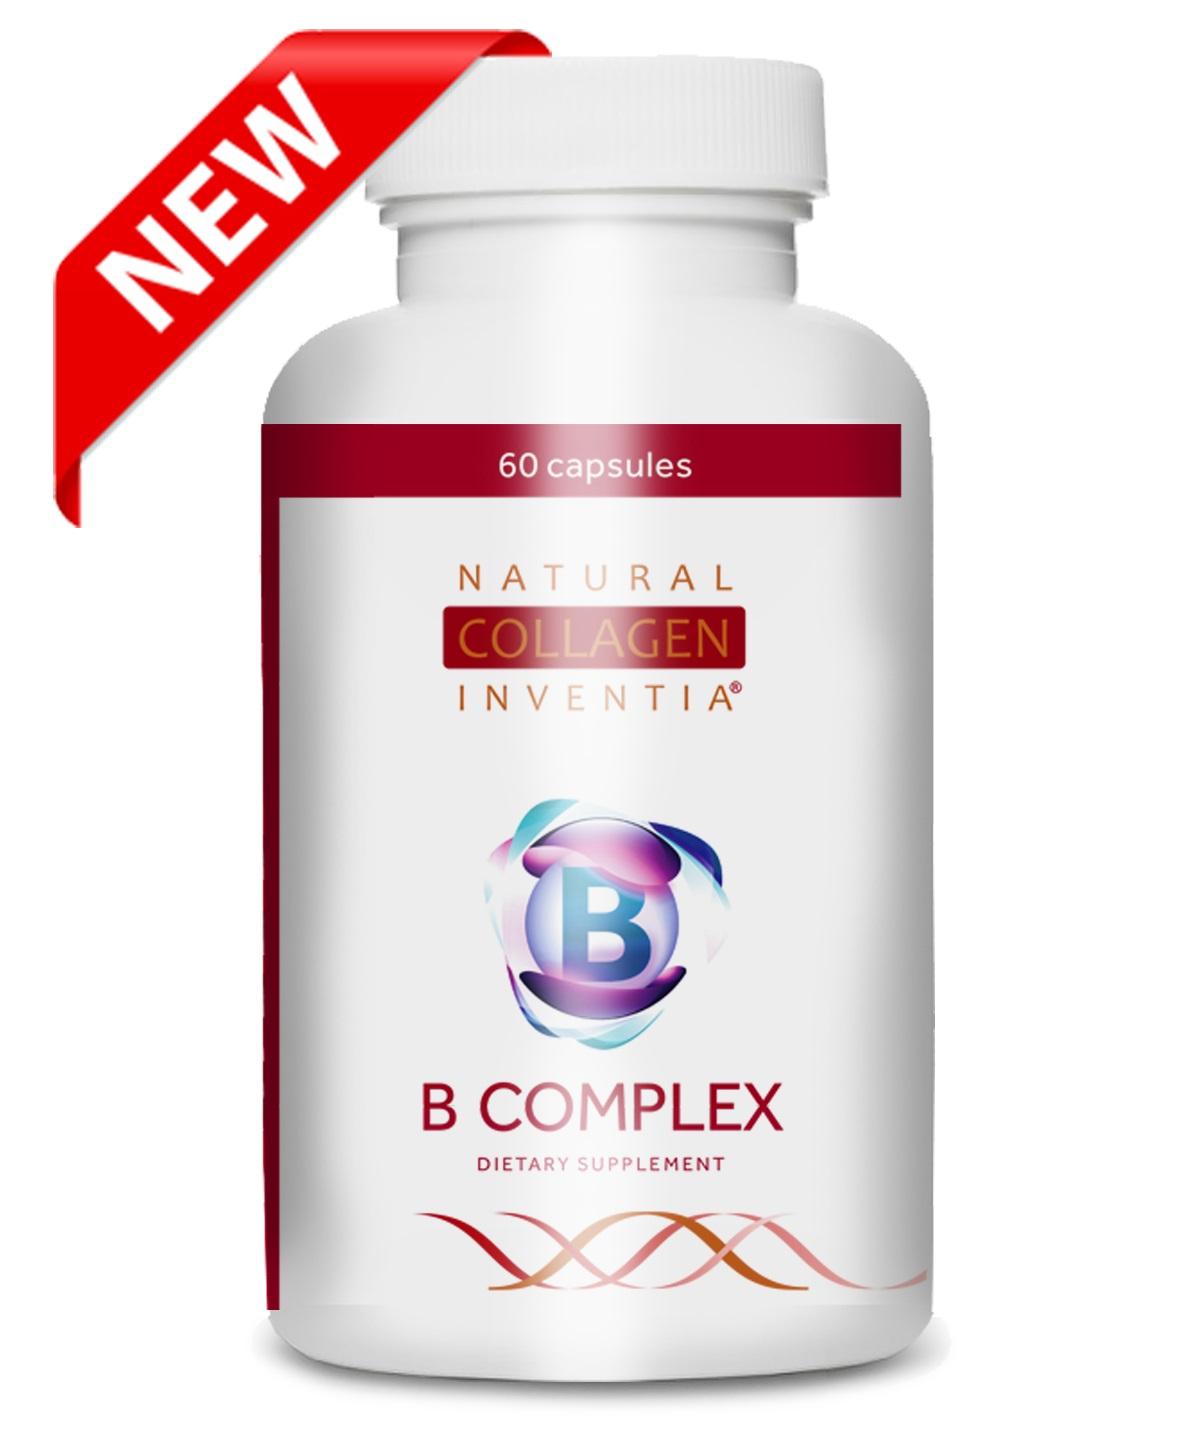 Živý kolagen - ZDARMA vitamin C PLUS a POŠTOVNÉ + novinka vitaminový B Complex 11 druhů